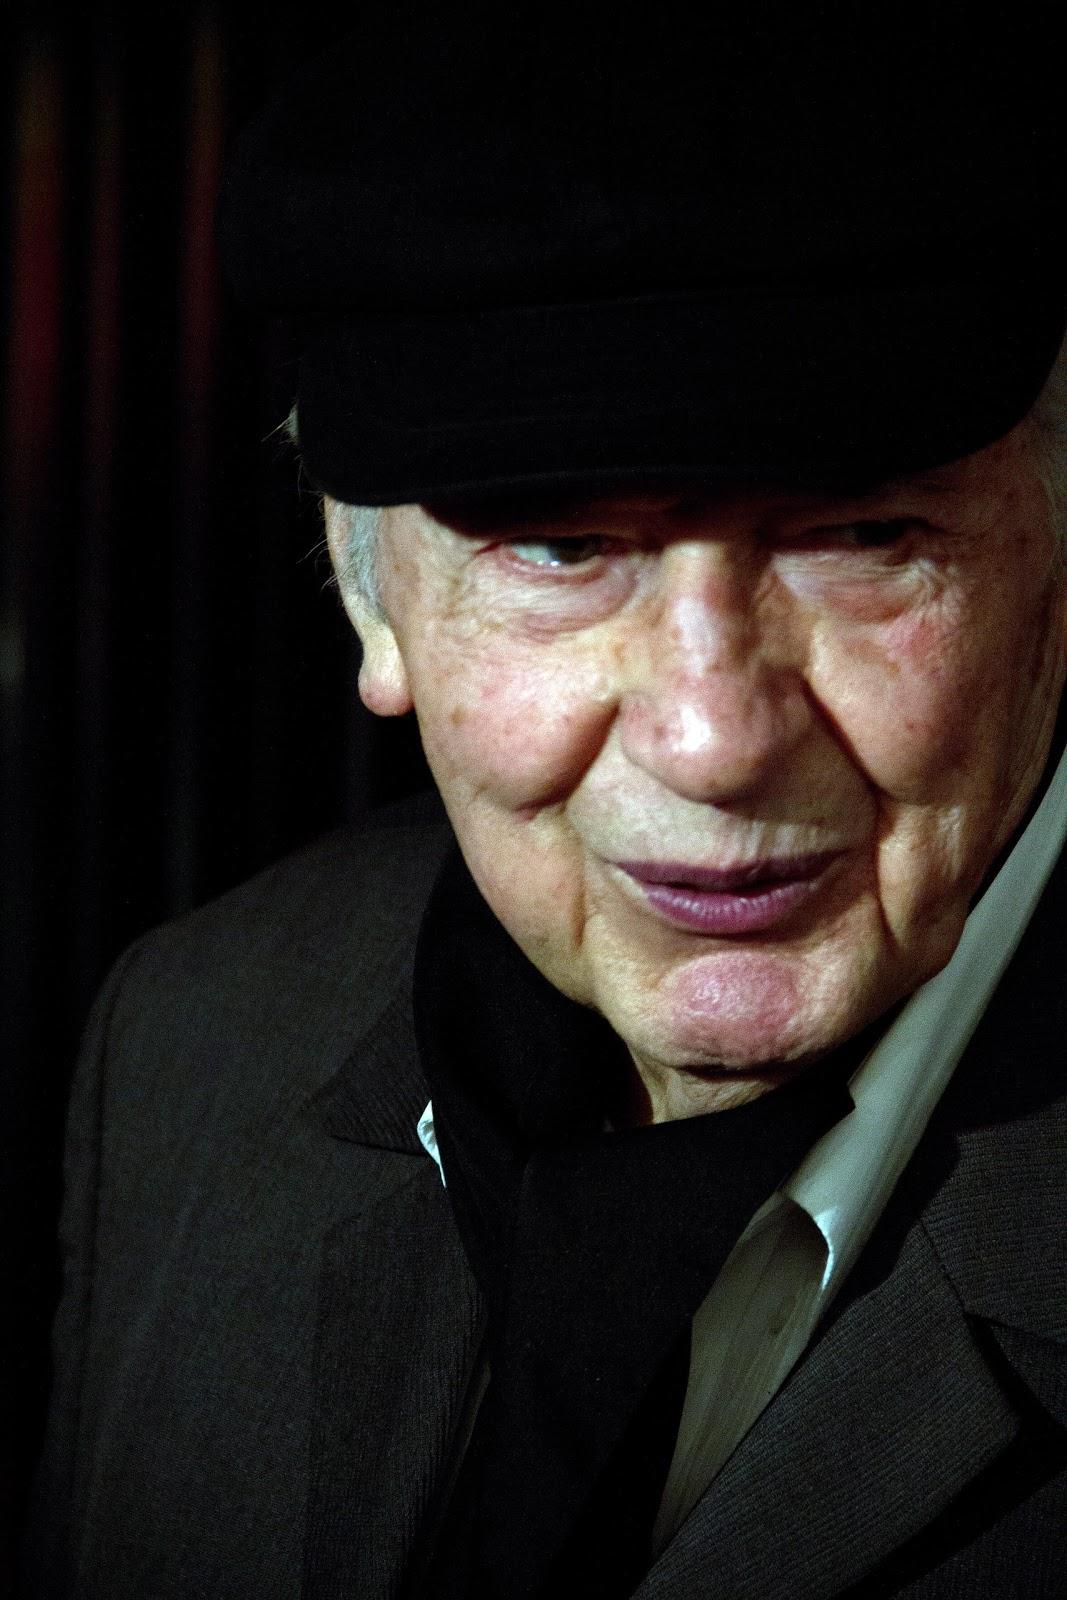 flash-setinterval_La vidriera de Jorge Amado: Homenaje a Julio Le Parc en Stand Aeropuertos Argentina ...